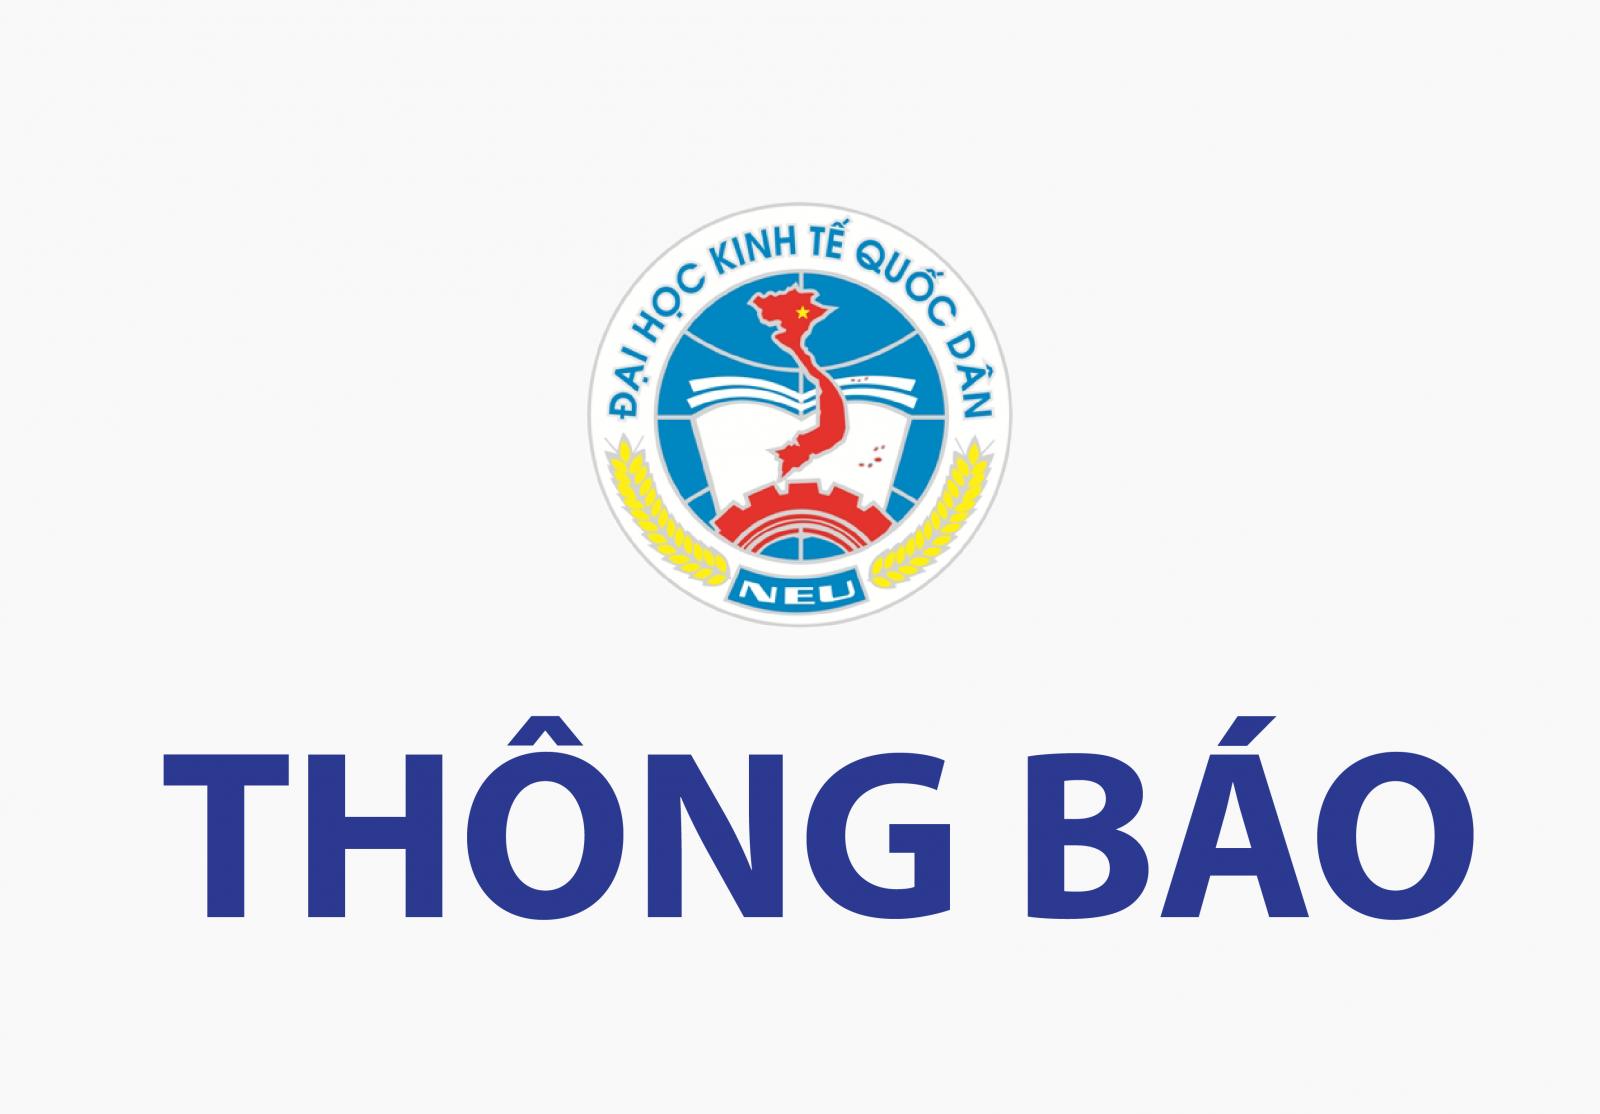 """Hội thảo khoa học quốc gia: """"Giải pháp chính sách hỗ trợ phát triển các tổ chức trung gian của thị trường Khoa học và Công nghệ Việt Nam"""""""